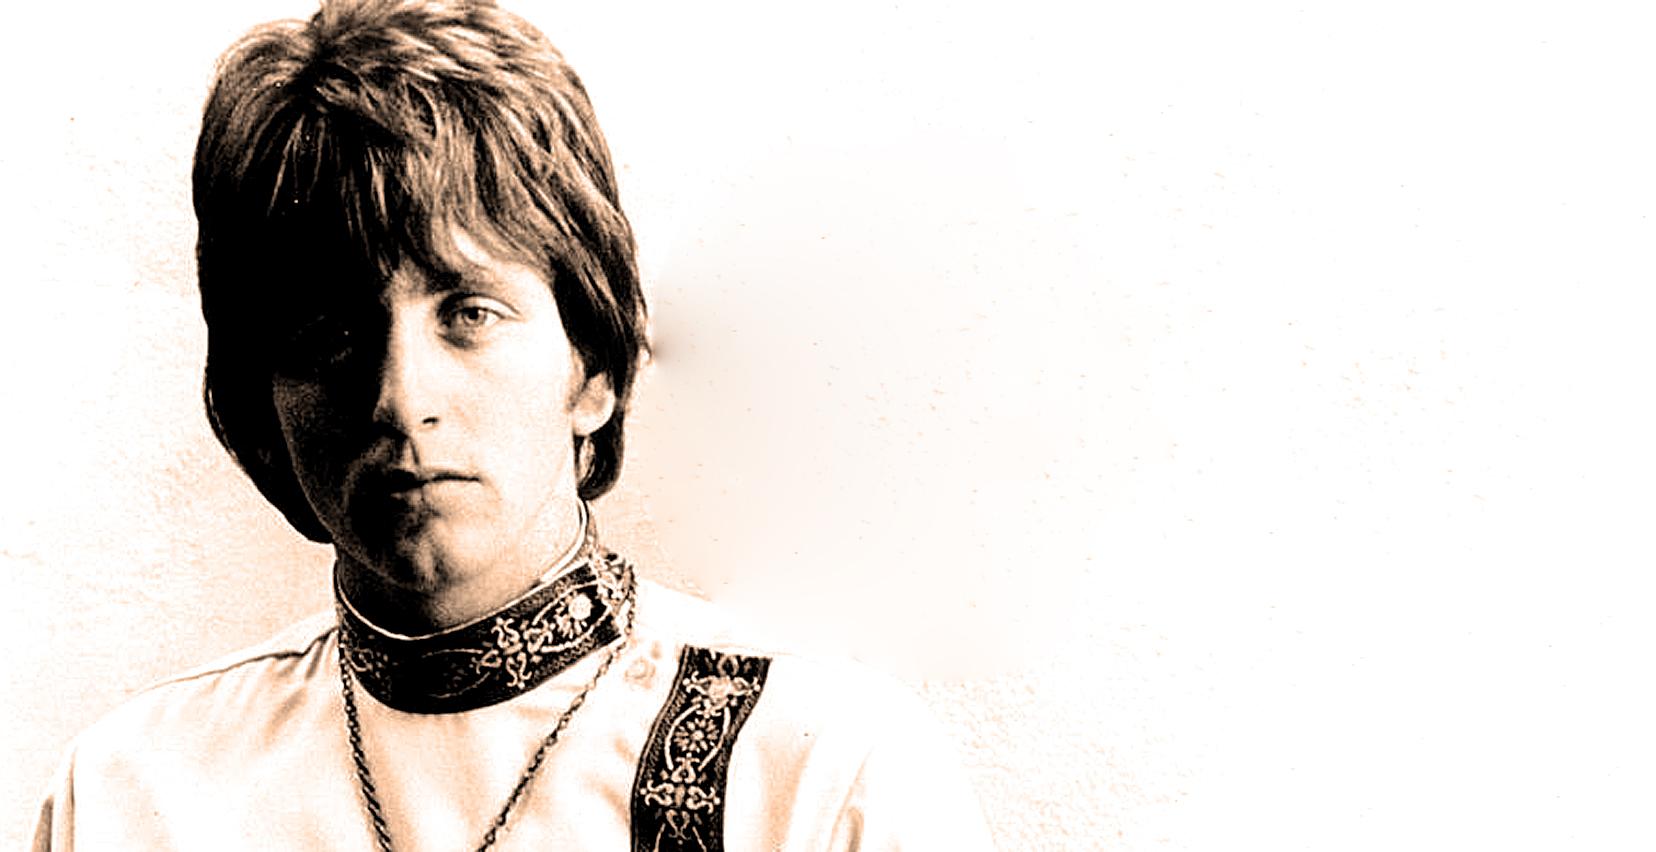 Lee Michaels In Concert - 1971